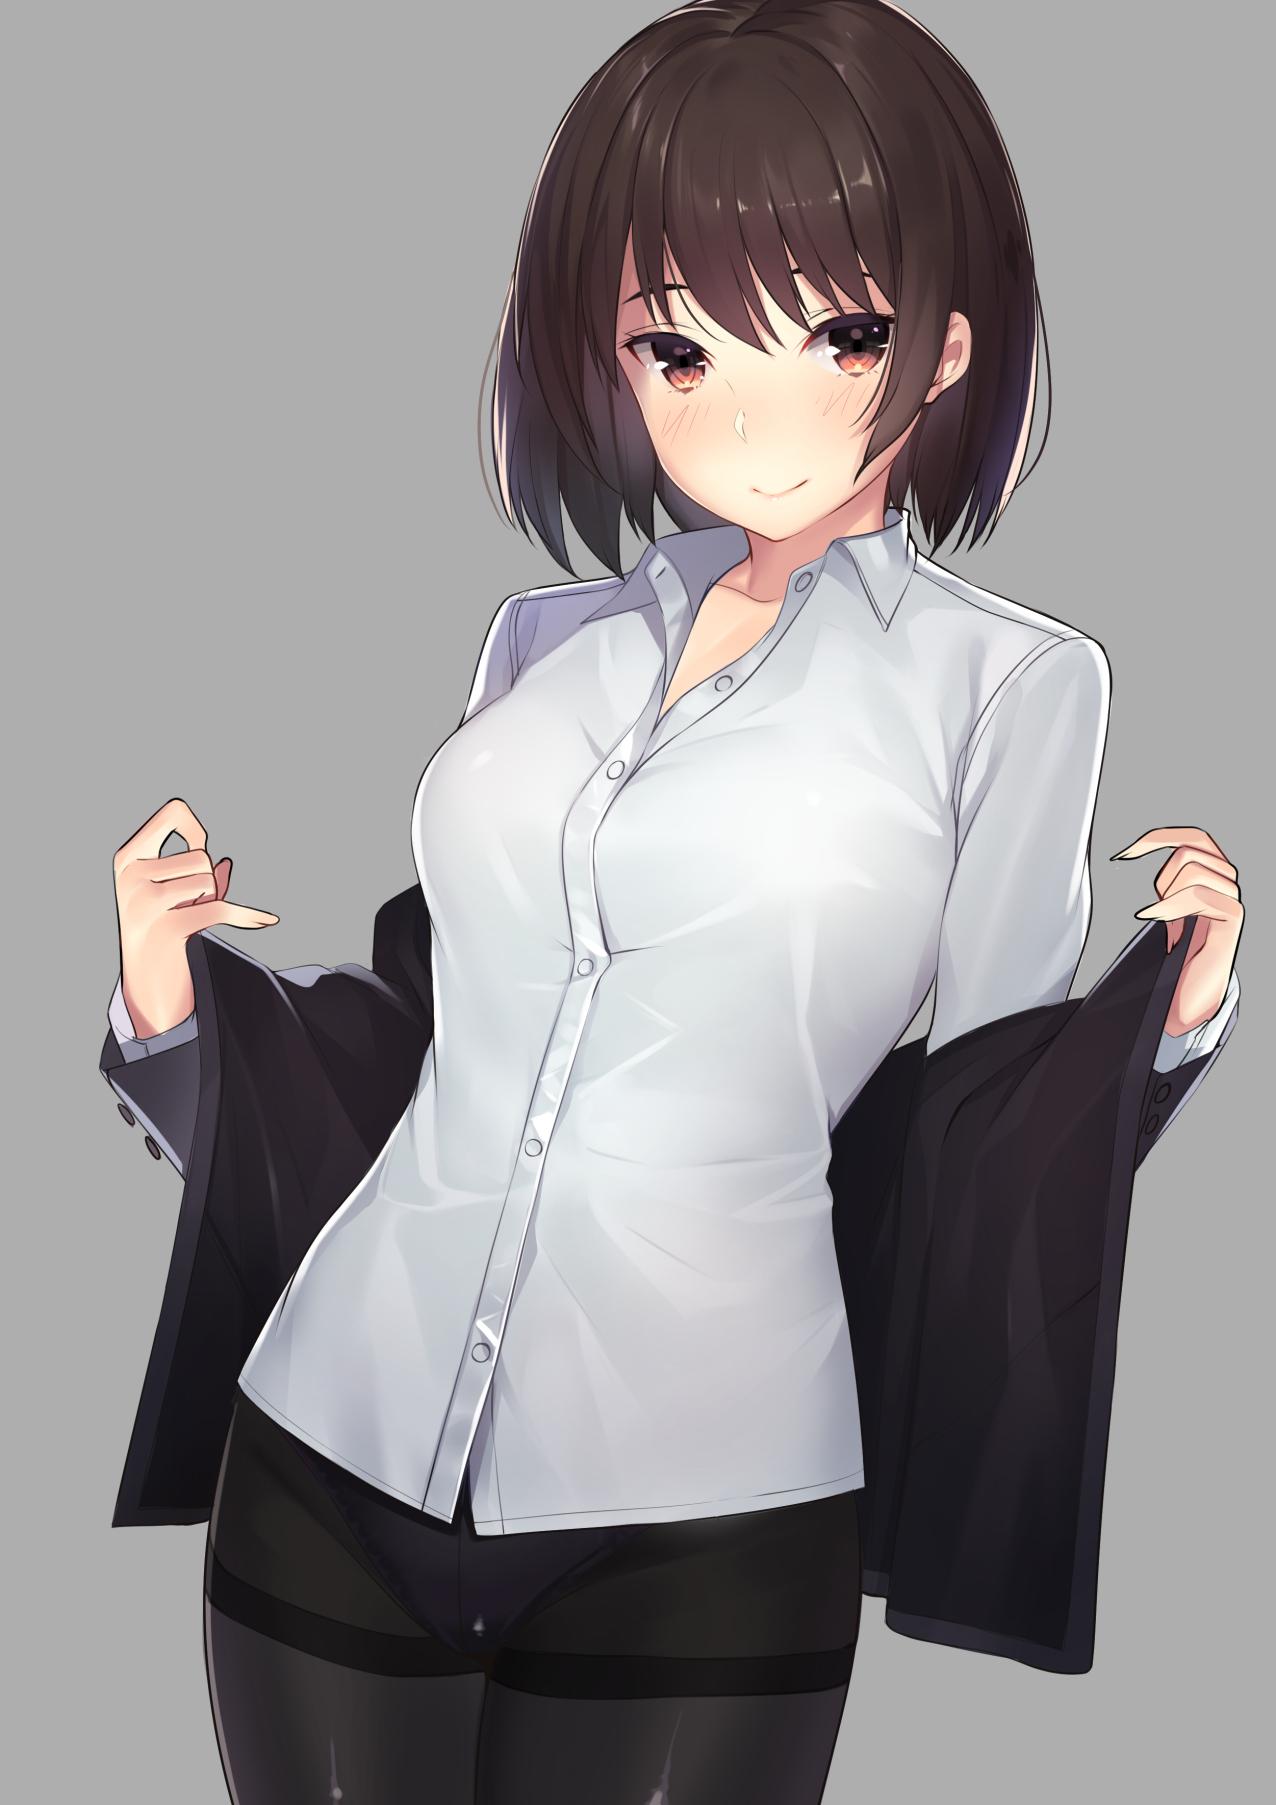 着替え少女でこっそりハァハァするスレ Part9 [無断転載禁止]©bbspink.com->画像>902枚